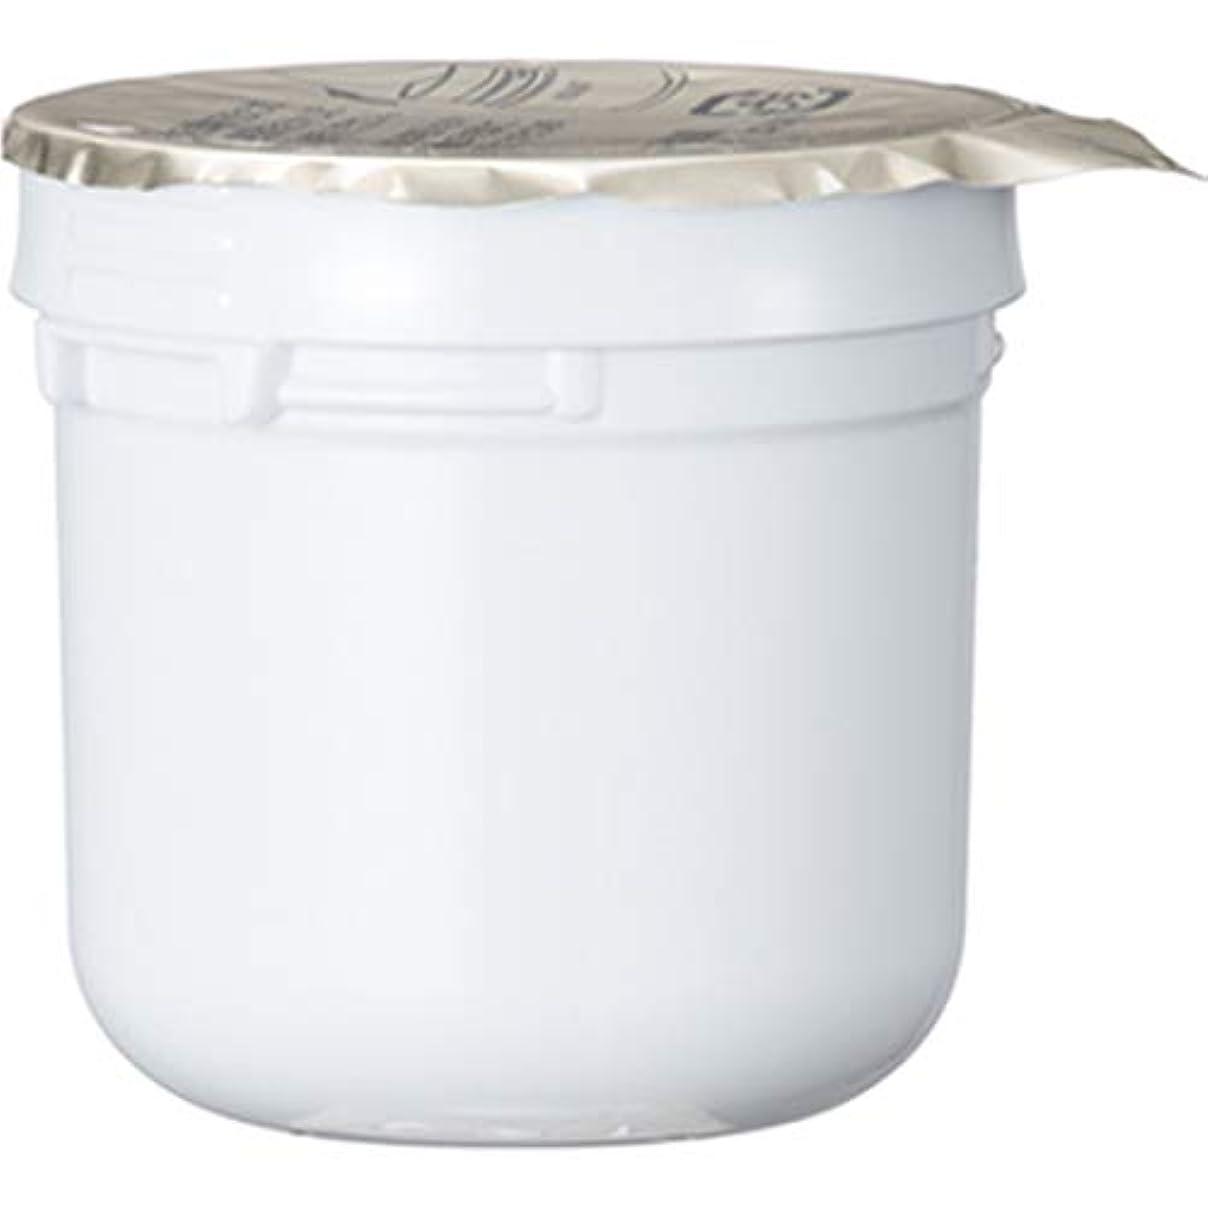 権限父方の海洋ASTALIFT(アスタリフト) ホワイト クリーム(美白クリーム)レフィル 30g [並行輸入品]